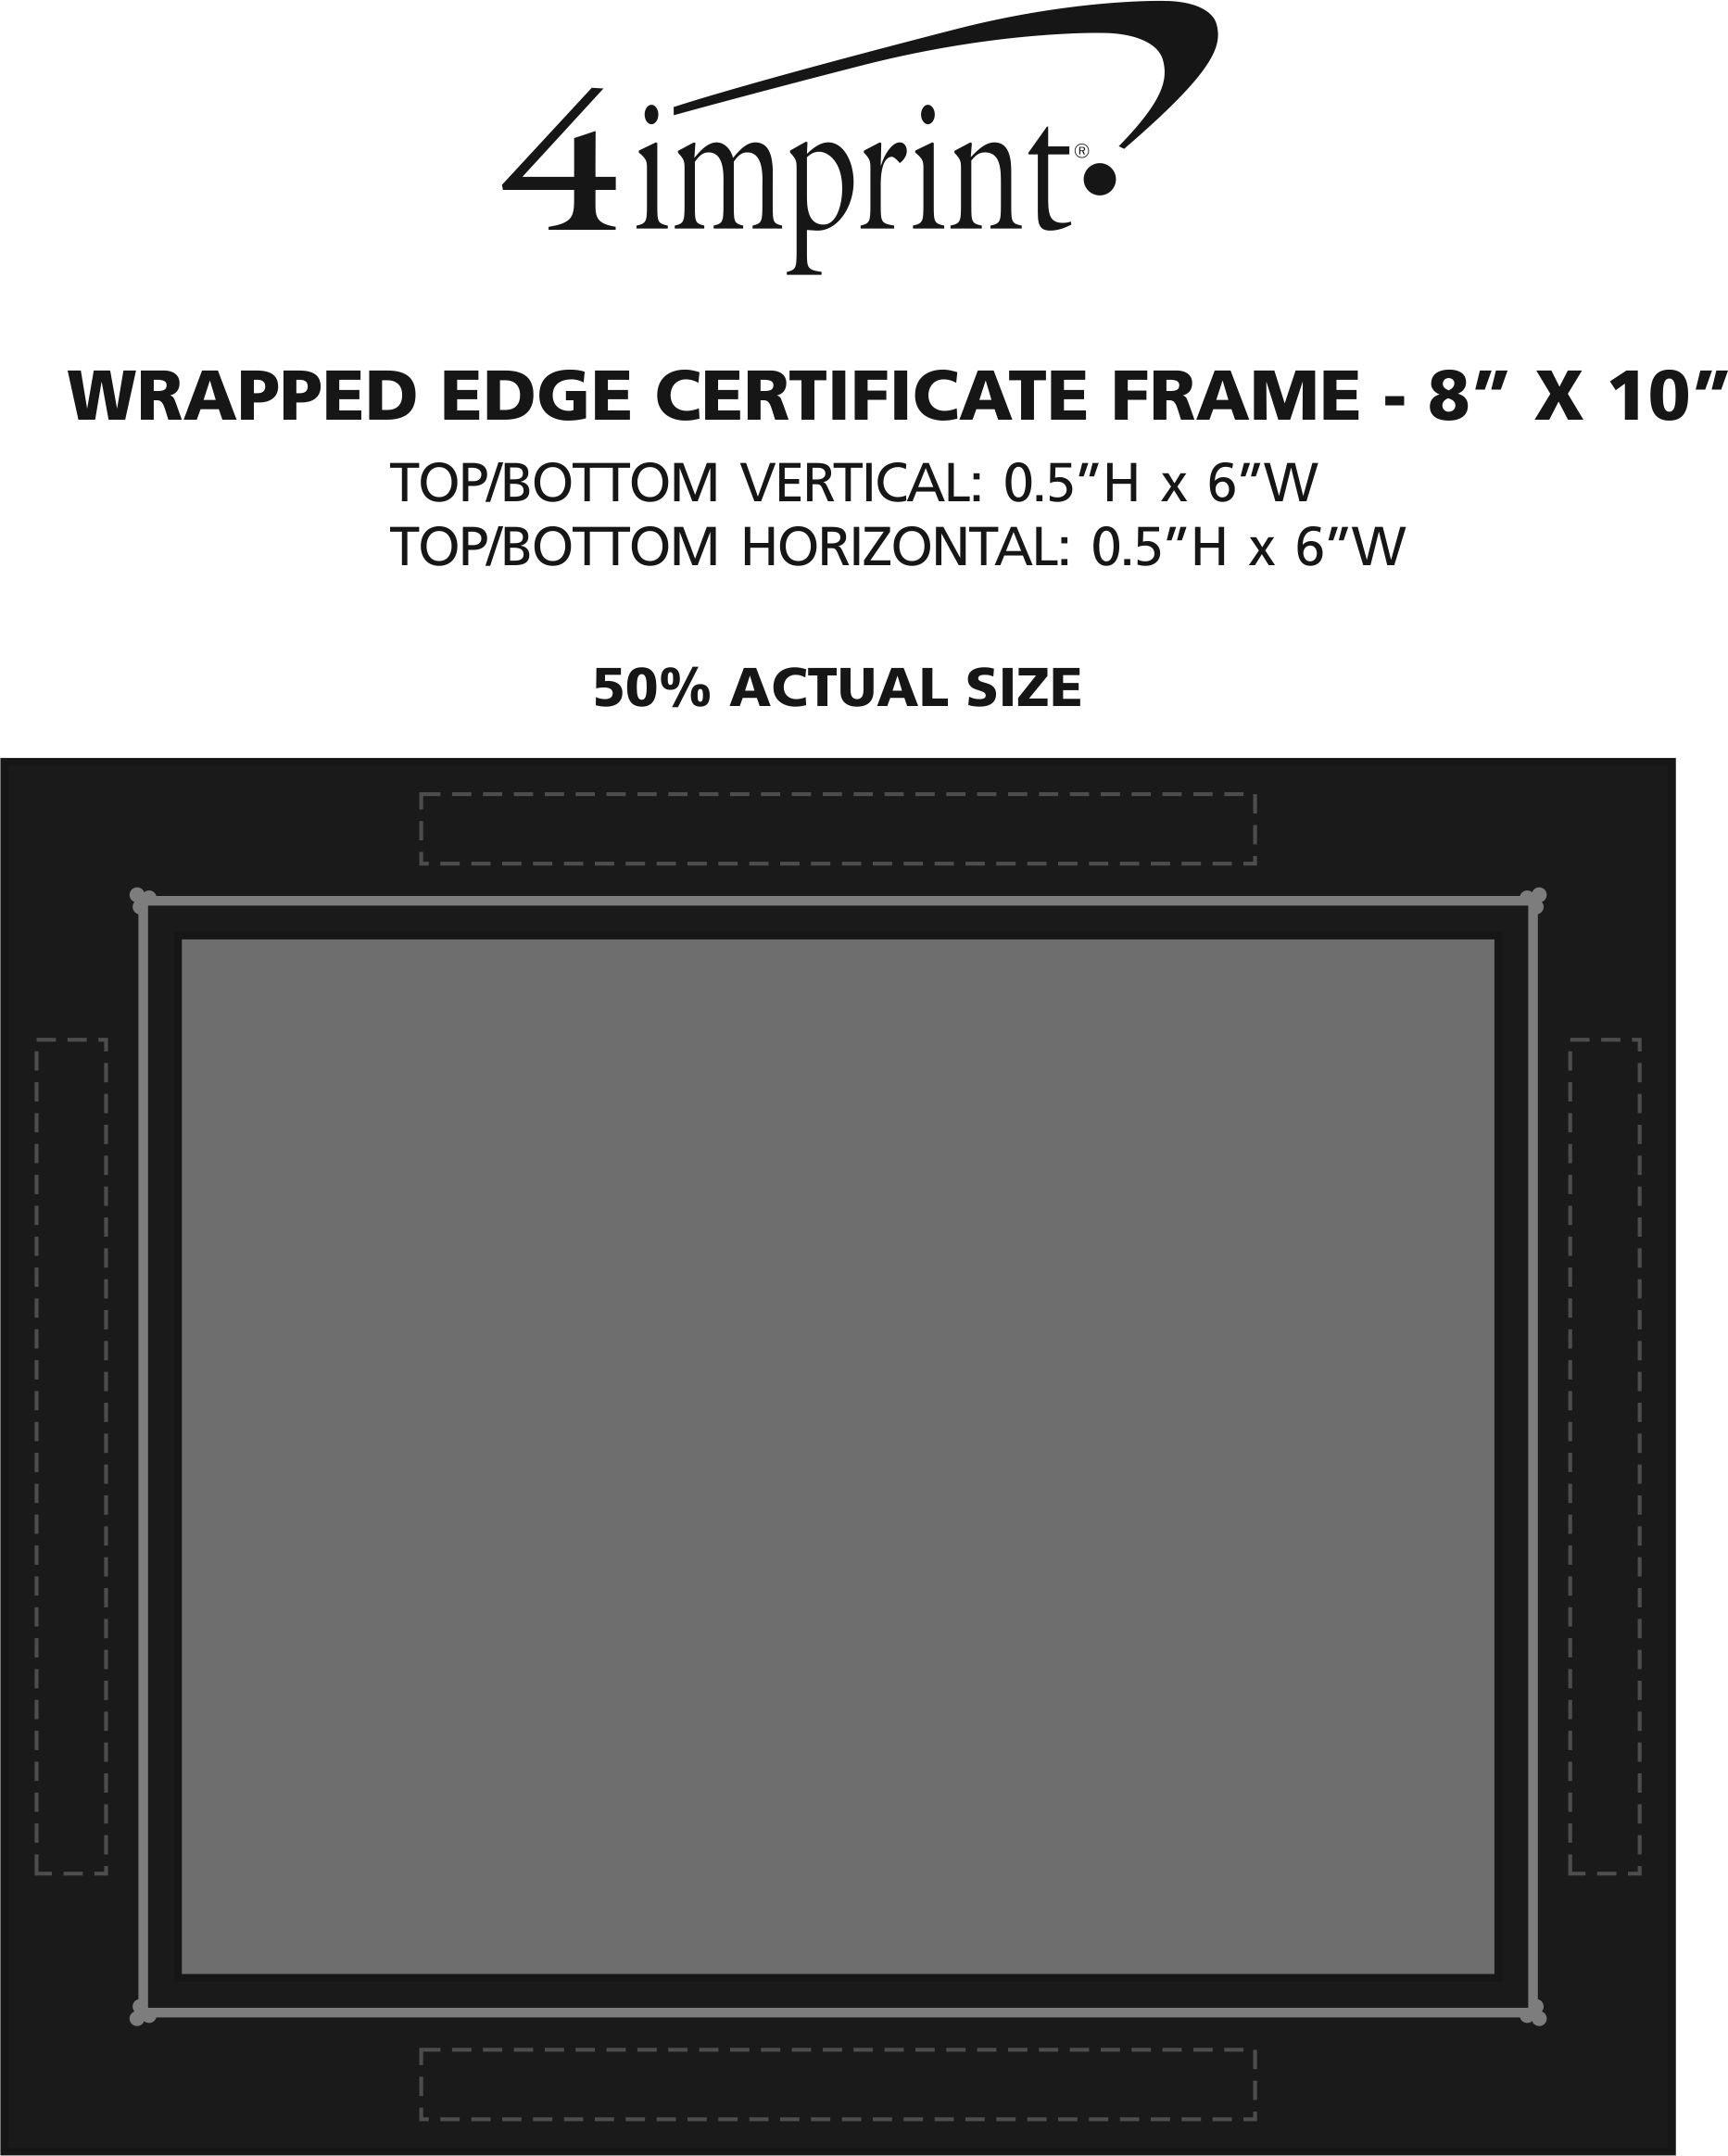 4imprintcom Wrapped Edge Certificate Frame 8 X 10 119362 810